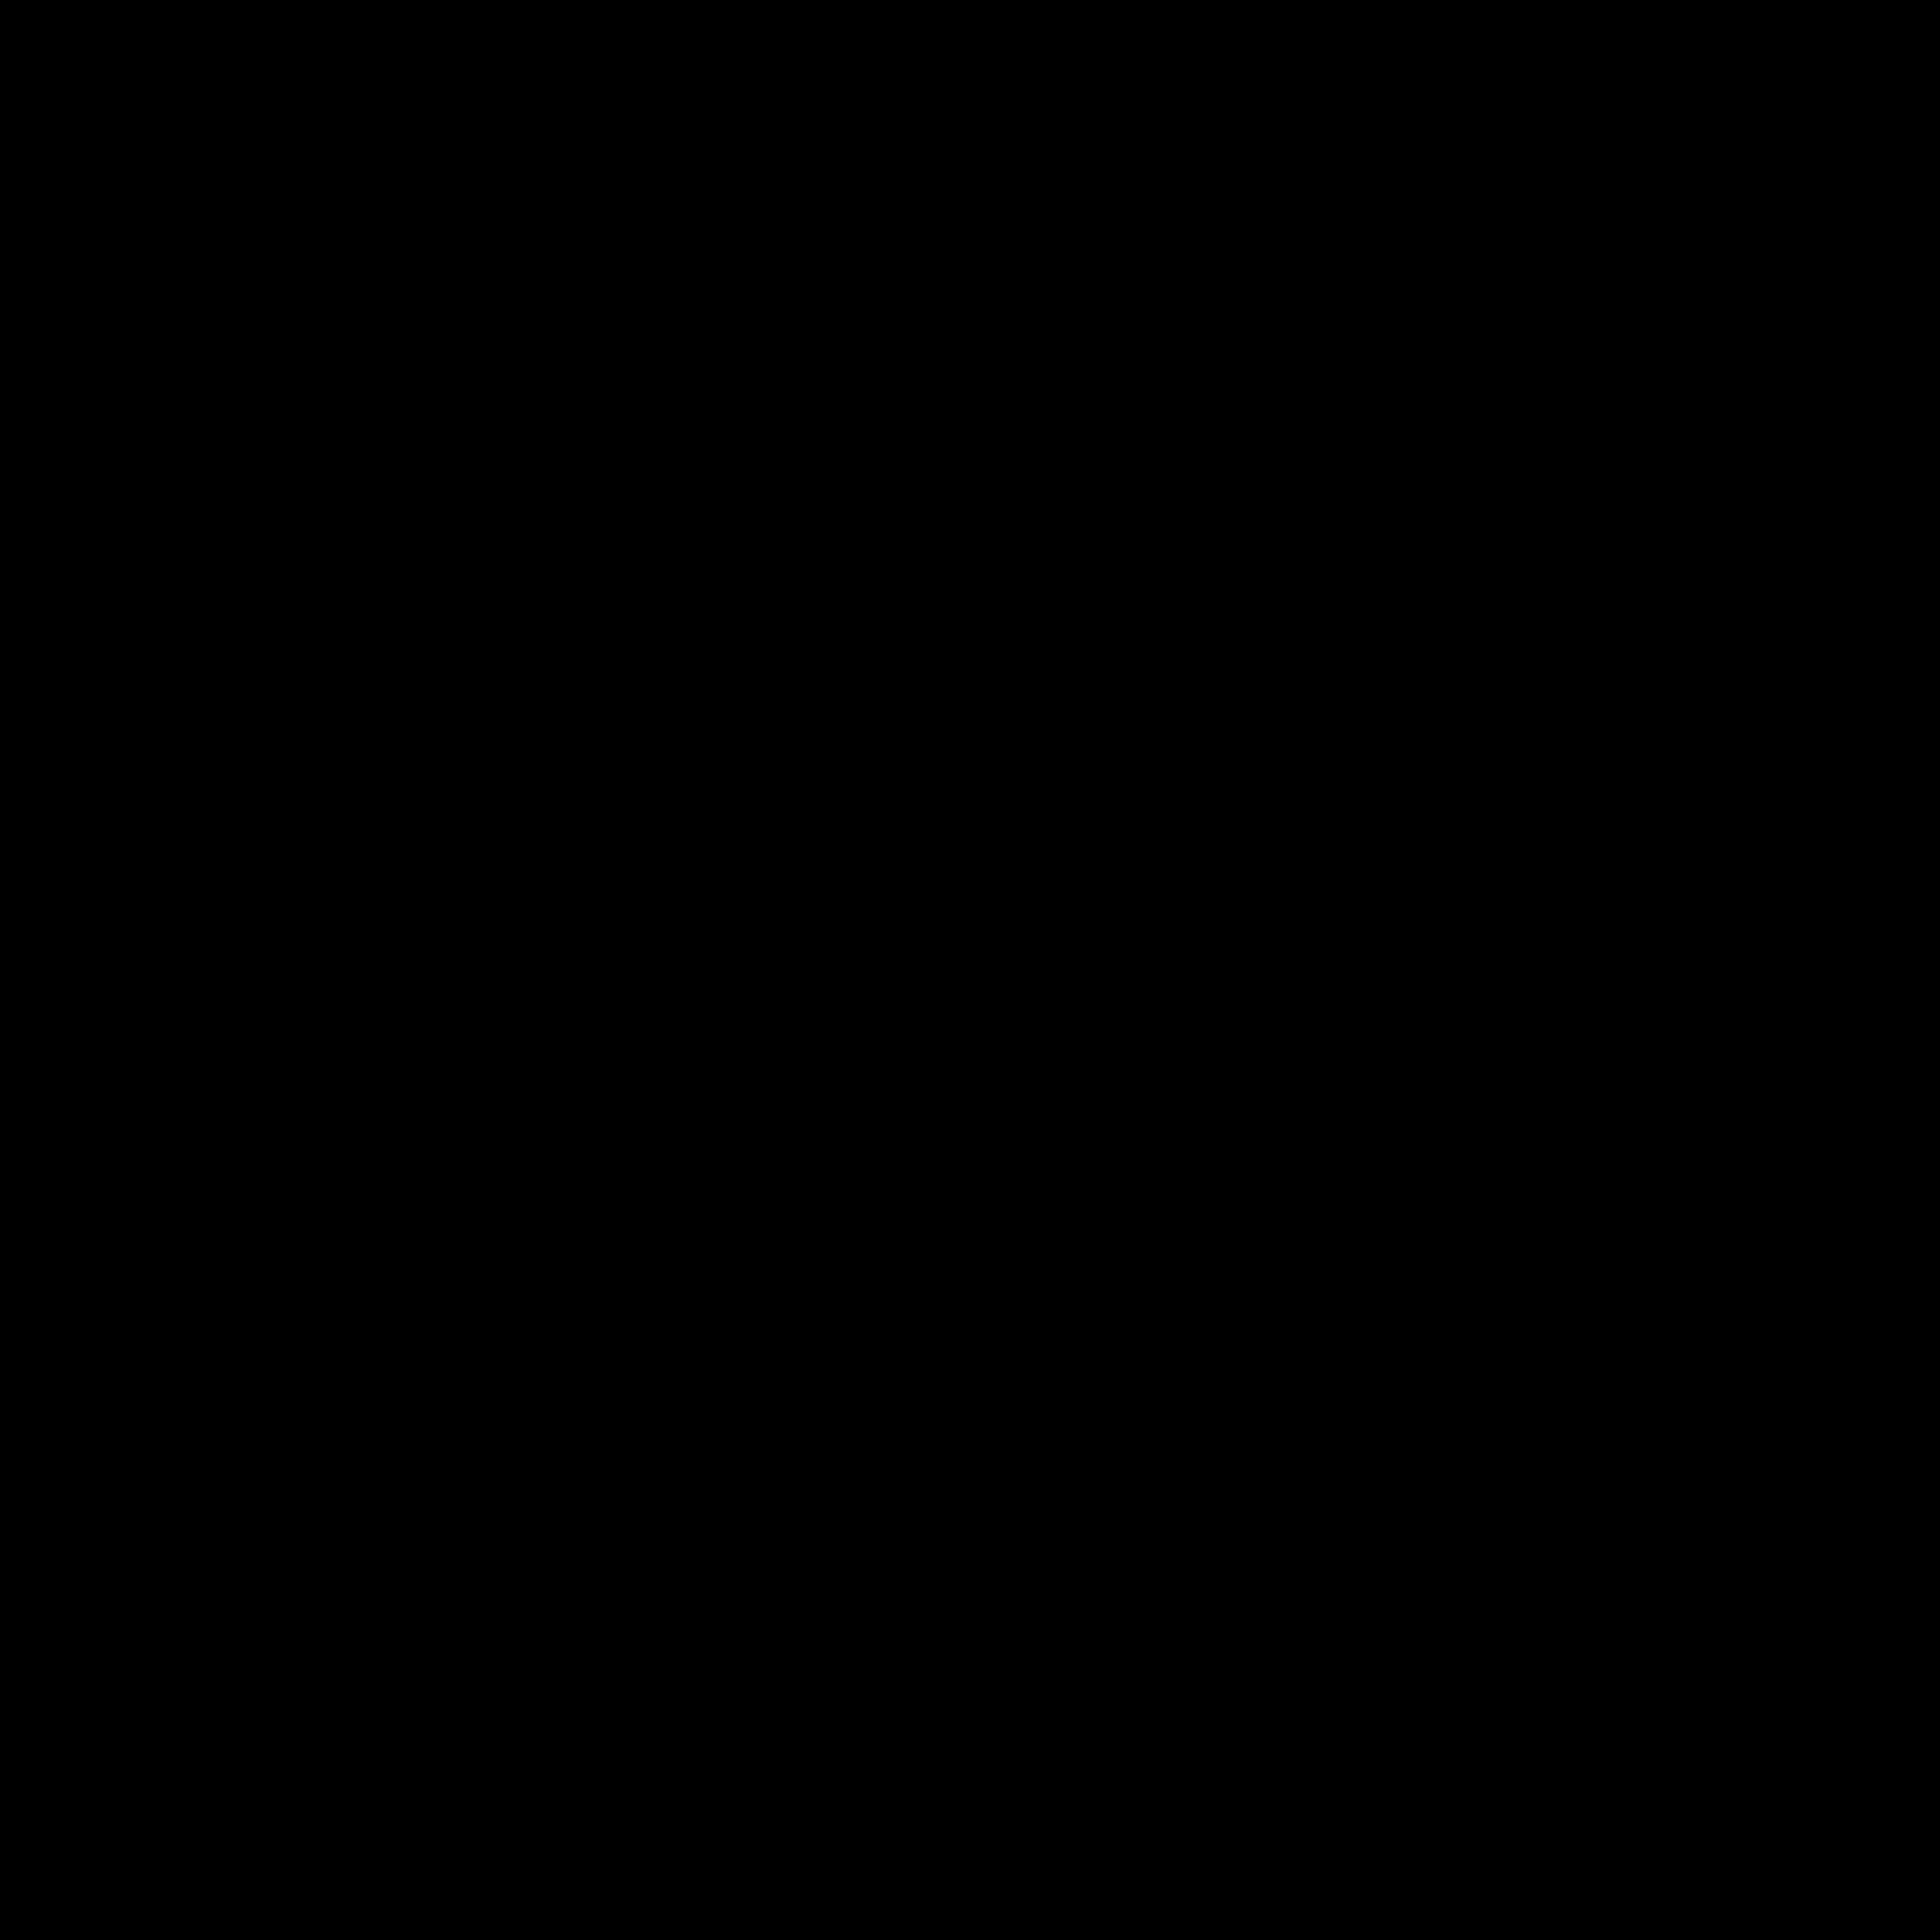 Hummingbirds AI